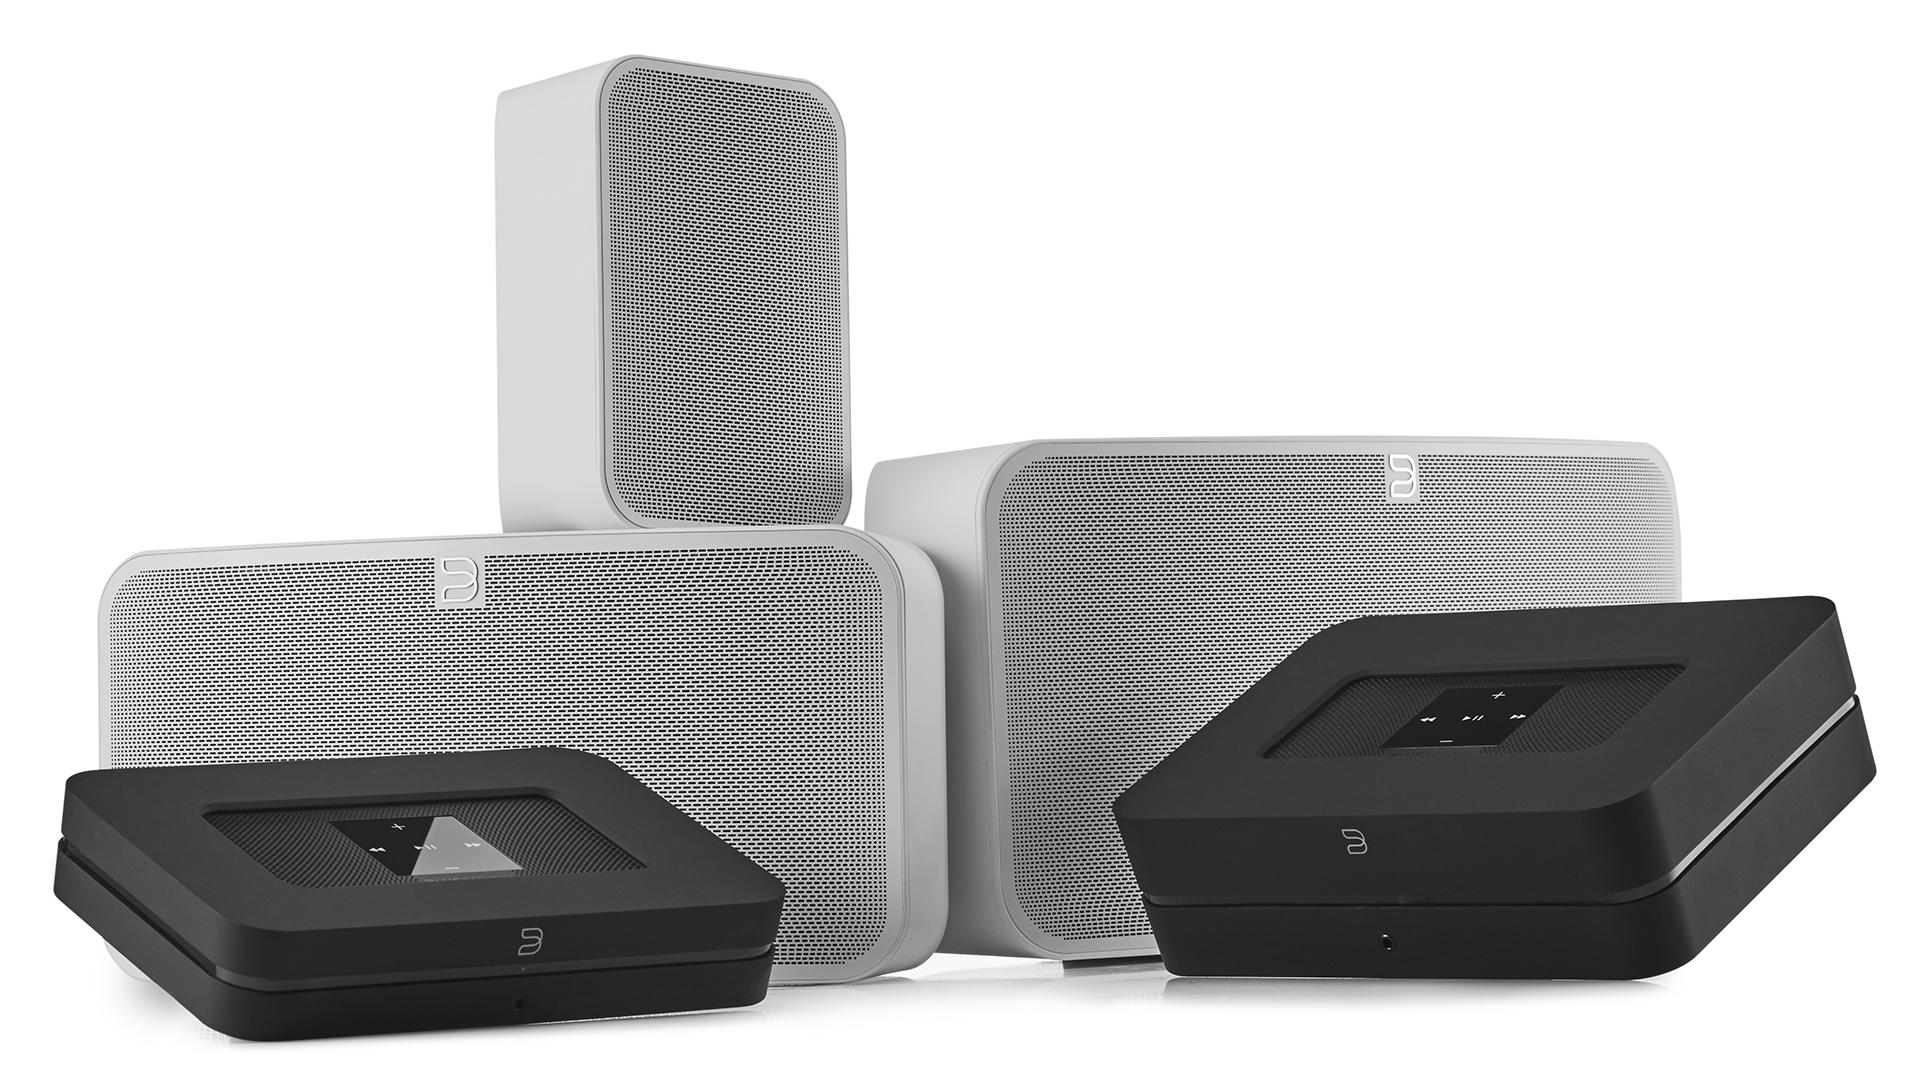 Bästa Sonos 2020-alternativ: prisvärda och premium flerrumsalternativ